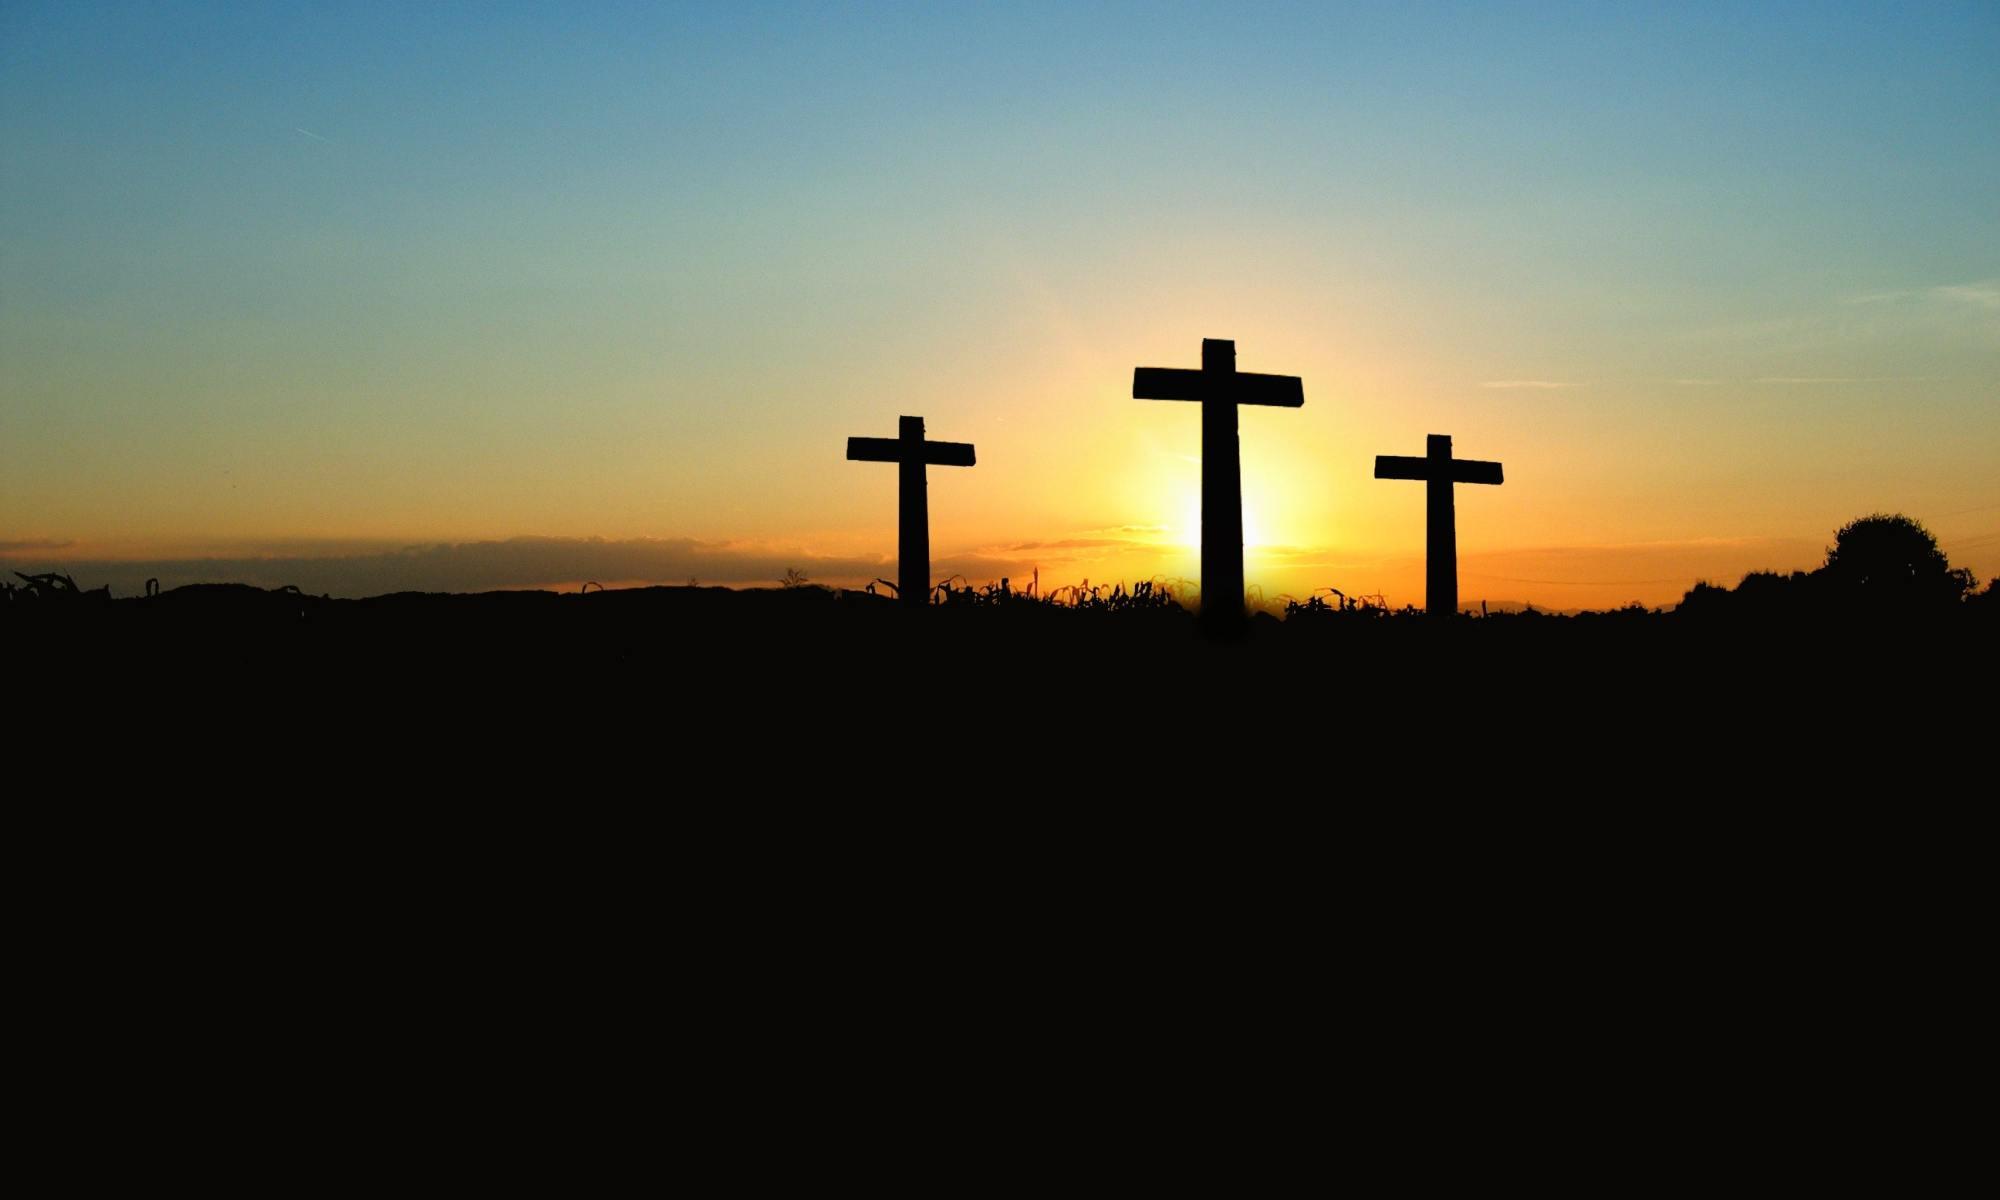 Three empty crosses